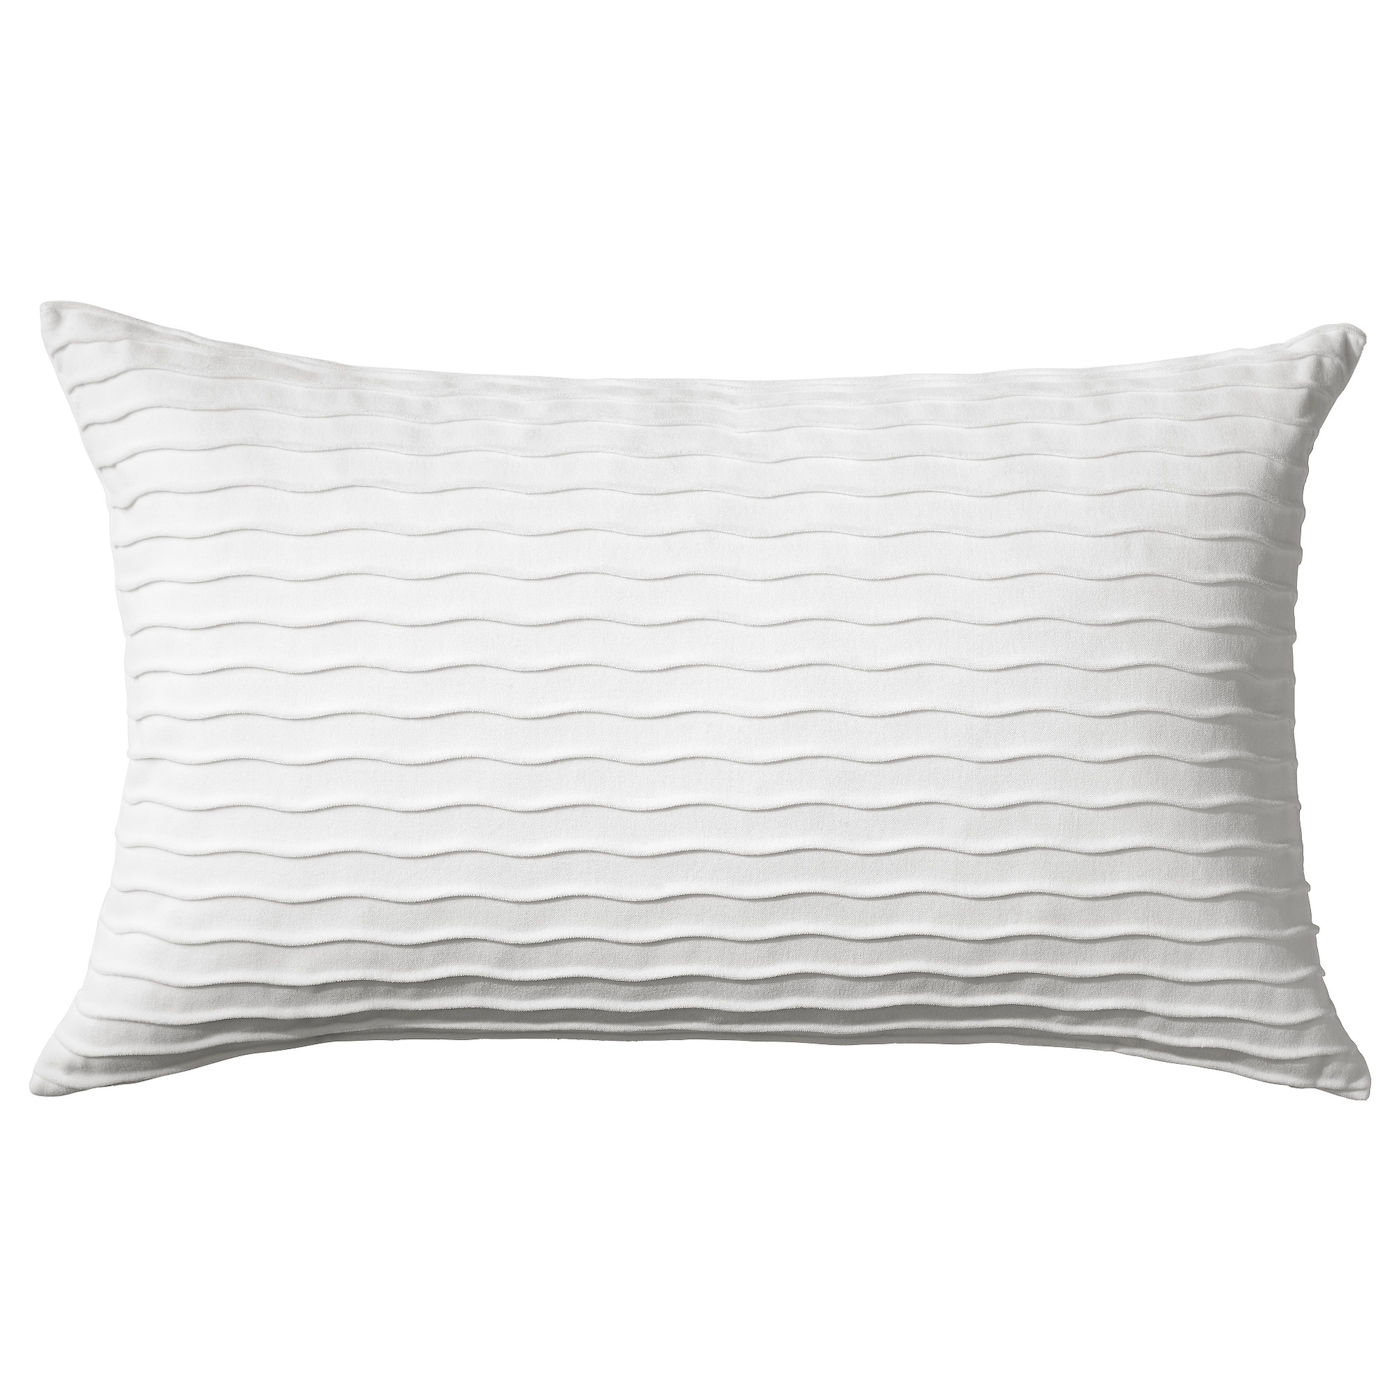 vendla housse de coussin noir blanc 50x50 cm ikea. Black Bedroom Furniture Sets. Home Design Ideas